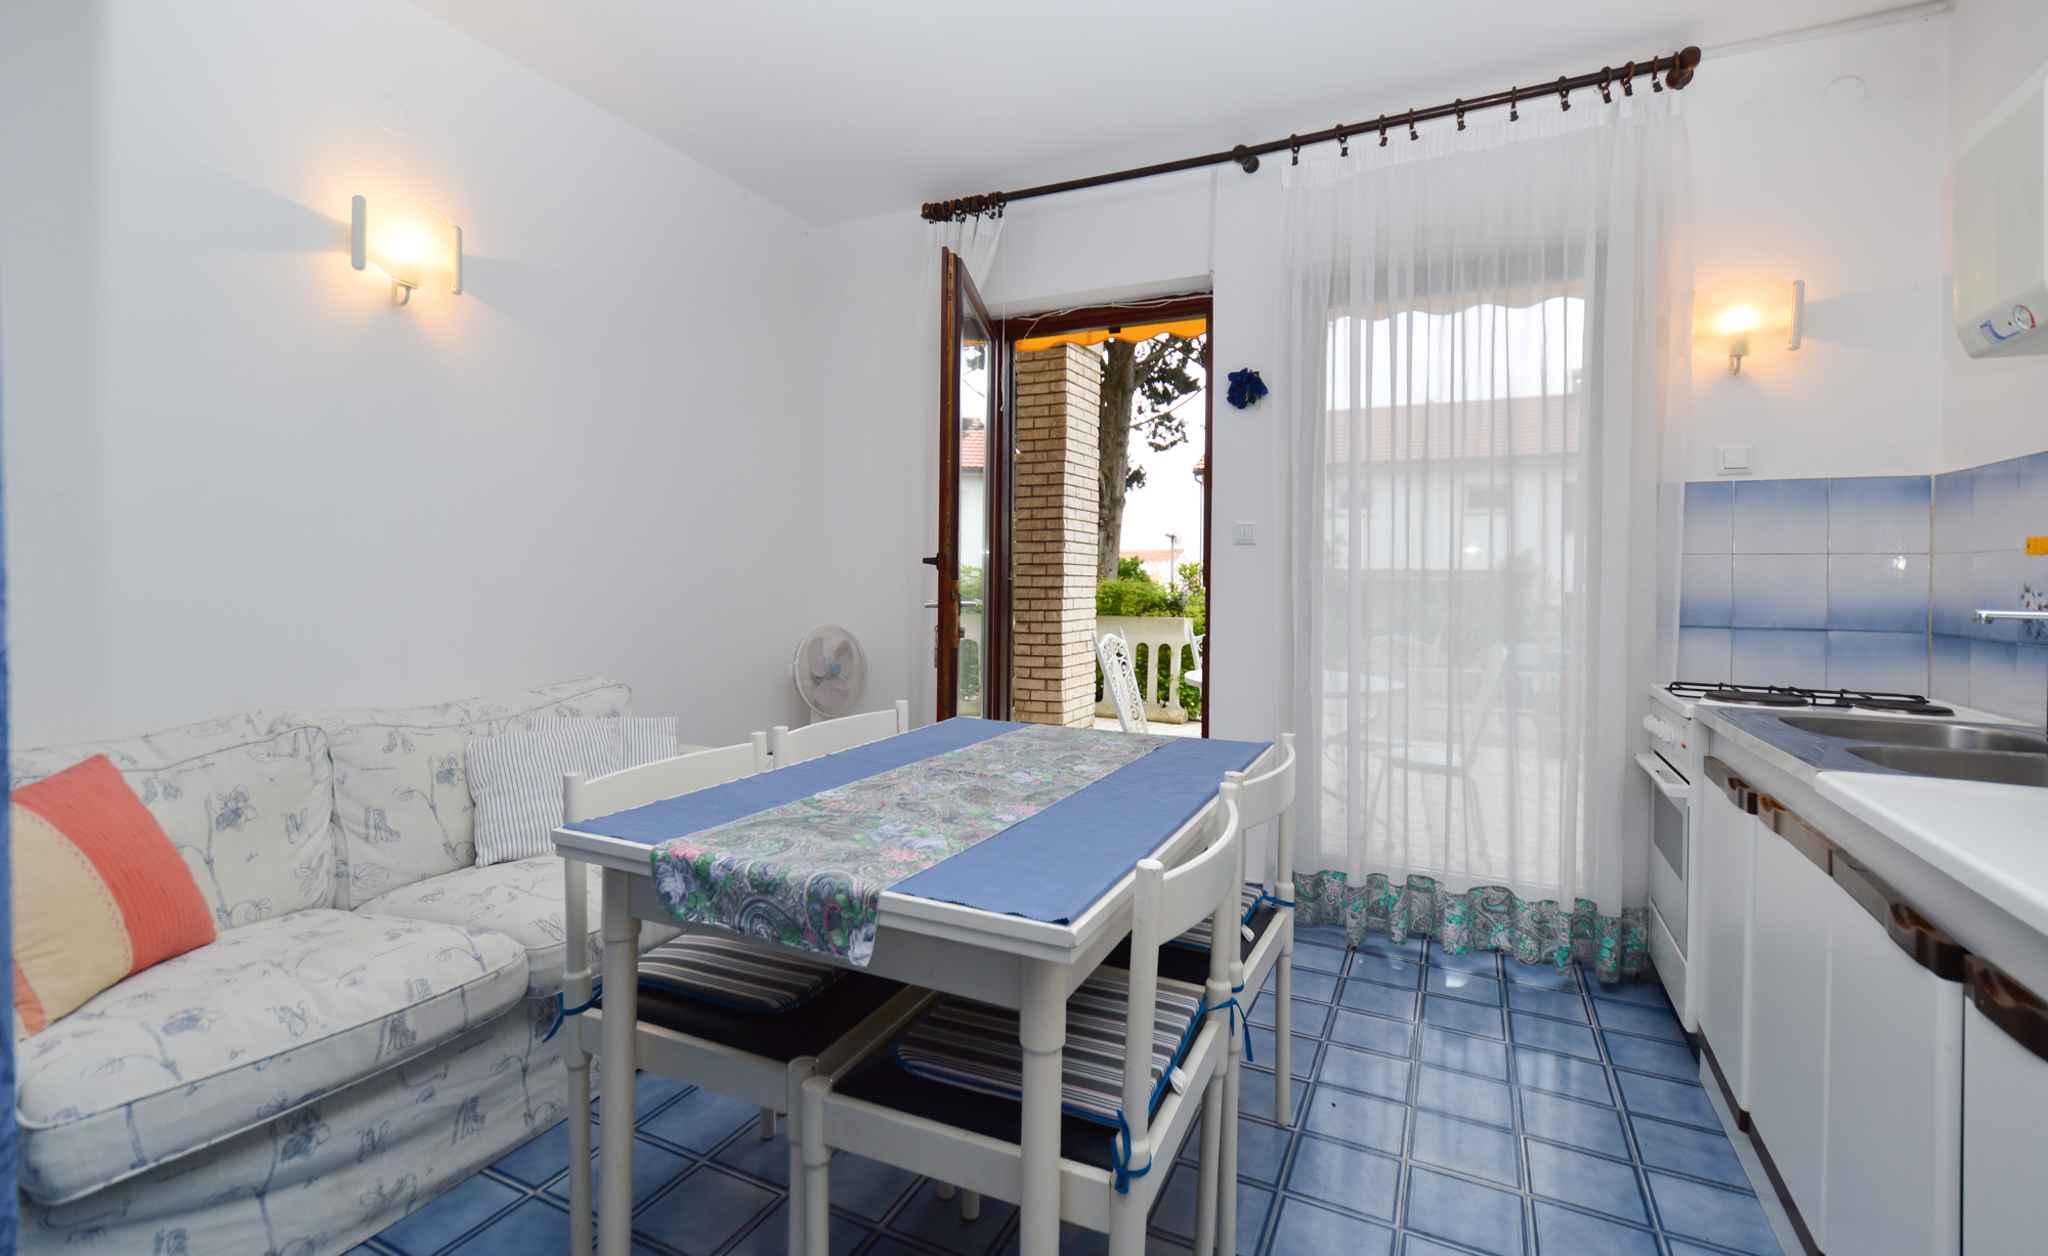 Ferienwohnung in ruhiger Lage (280677), Pula, , Istrien, Kroatien, Bild 5